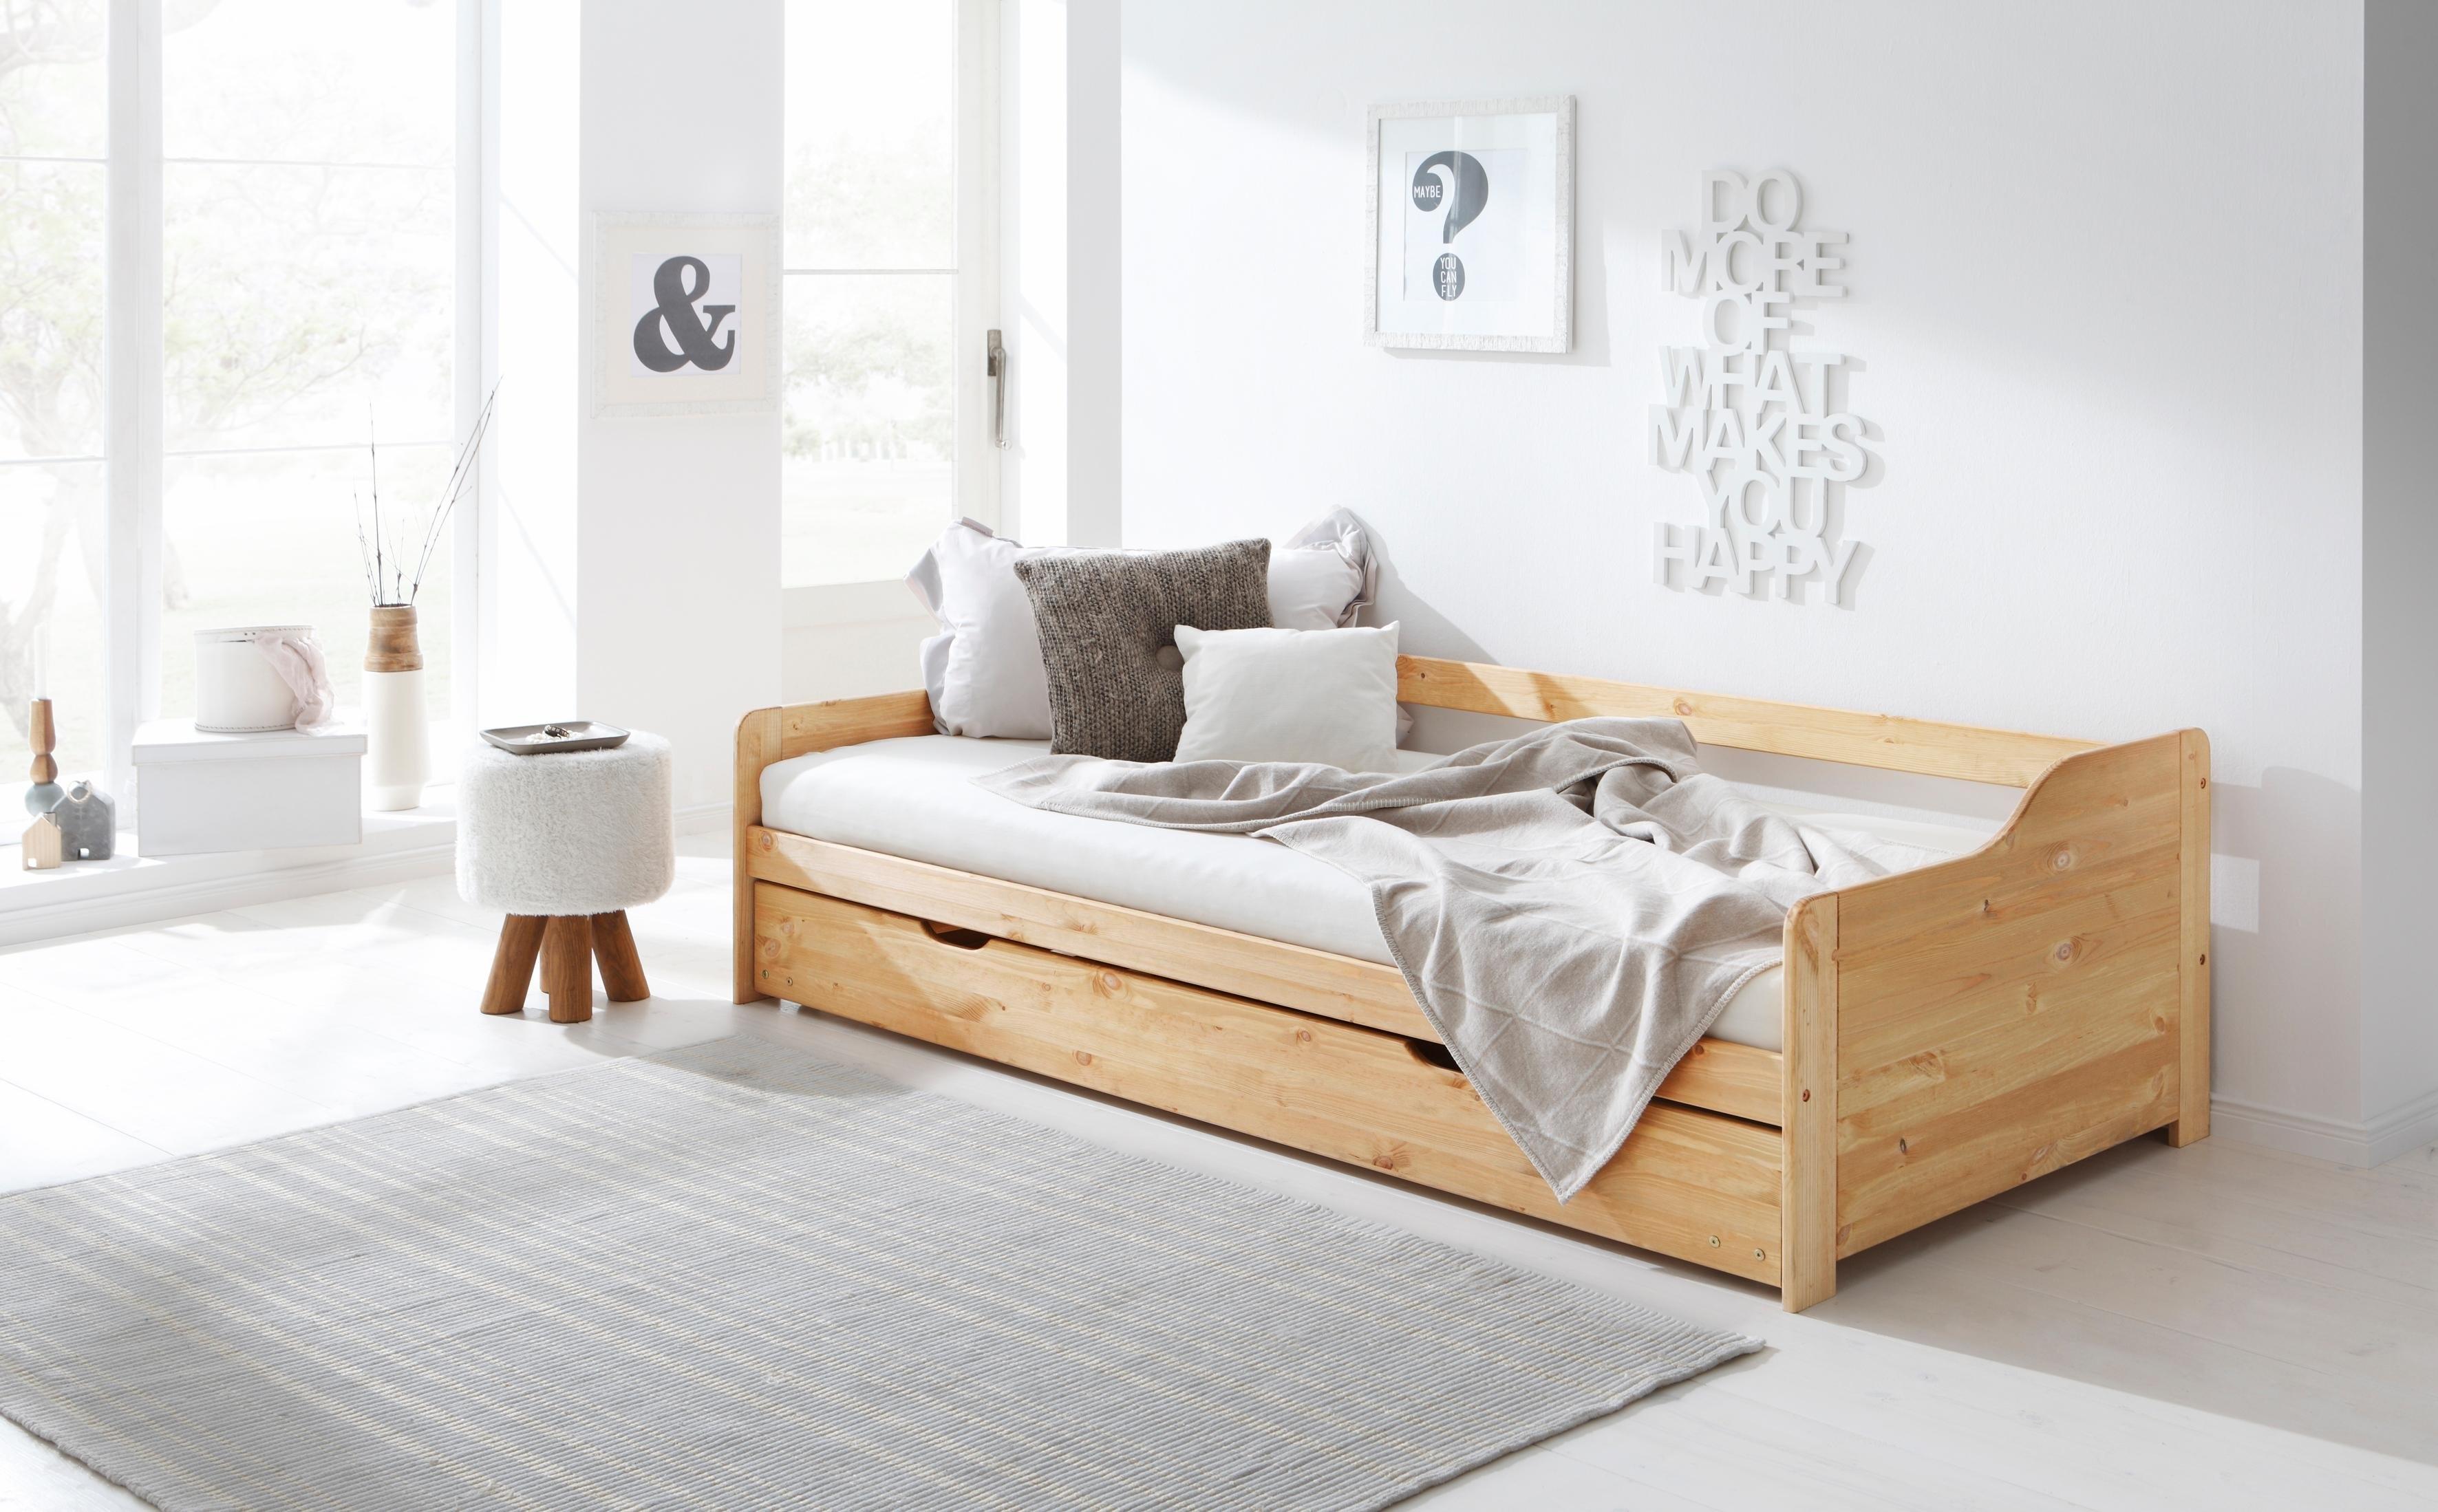 Home affaire slaapbank TIM met uittrekbare lade voor extra matras als logeerbed veilig op otto.nl kopen